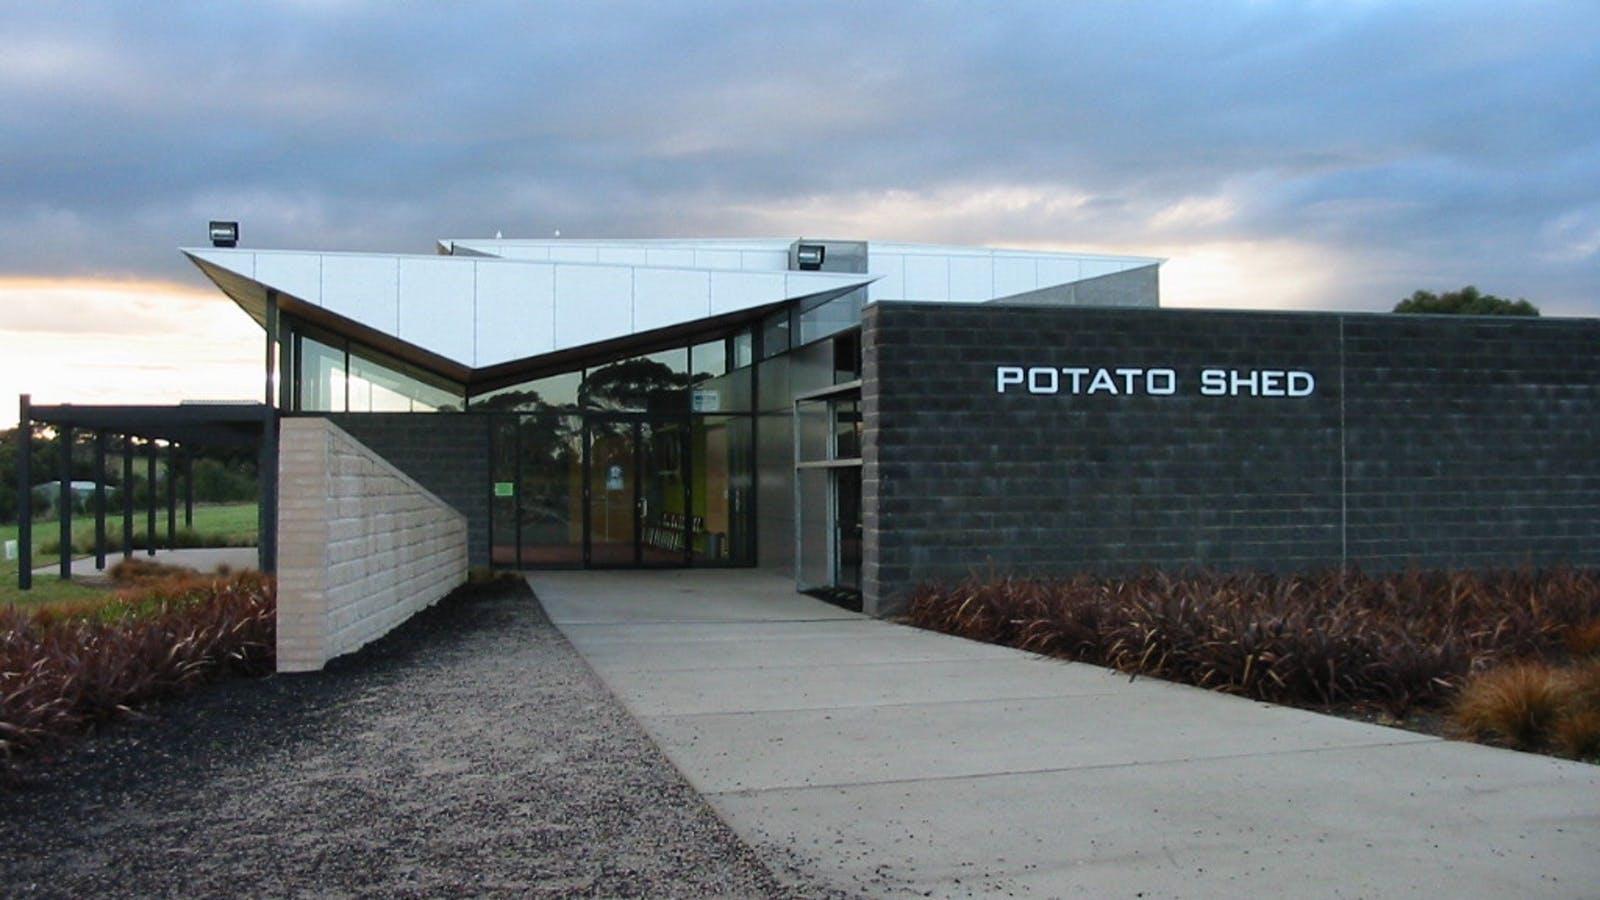 The Potato Shed